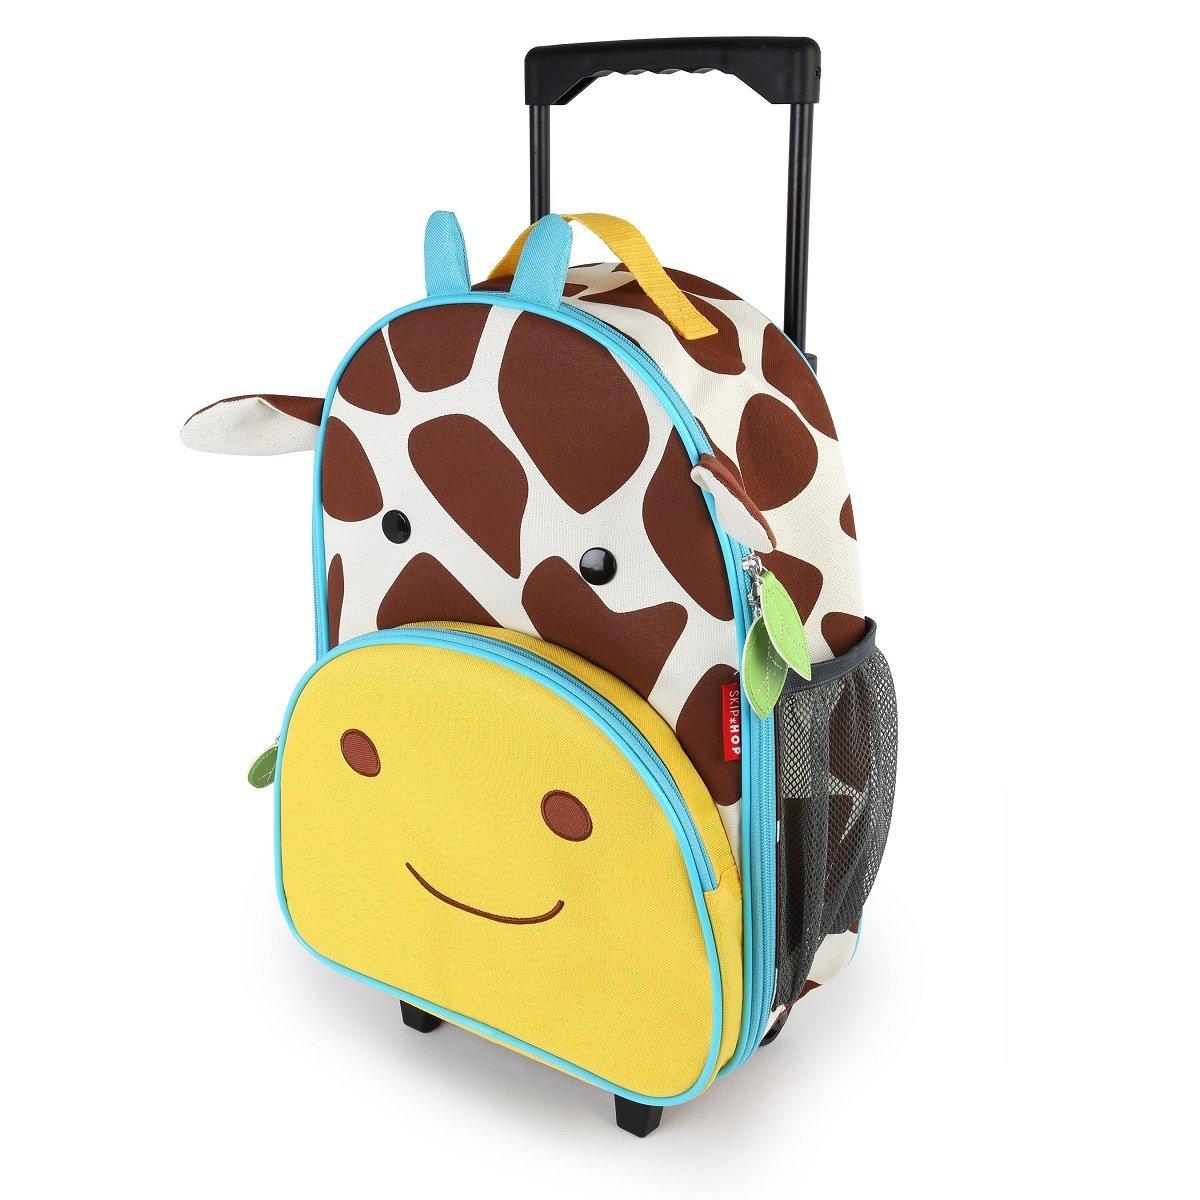 Zoo 可愛動物園小孩專用行李箱 - 長頸鹿